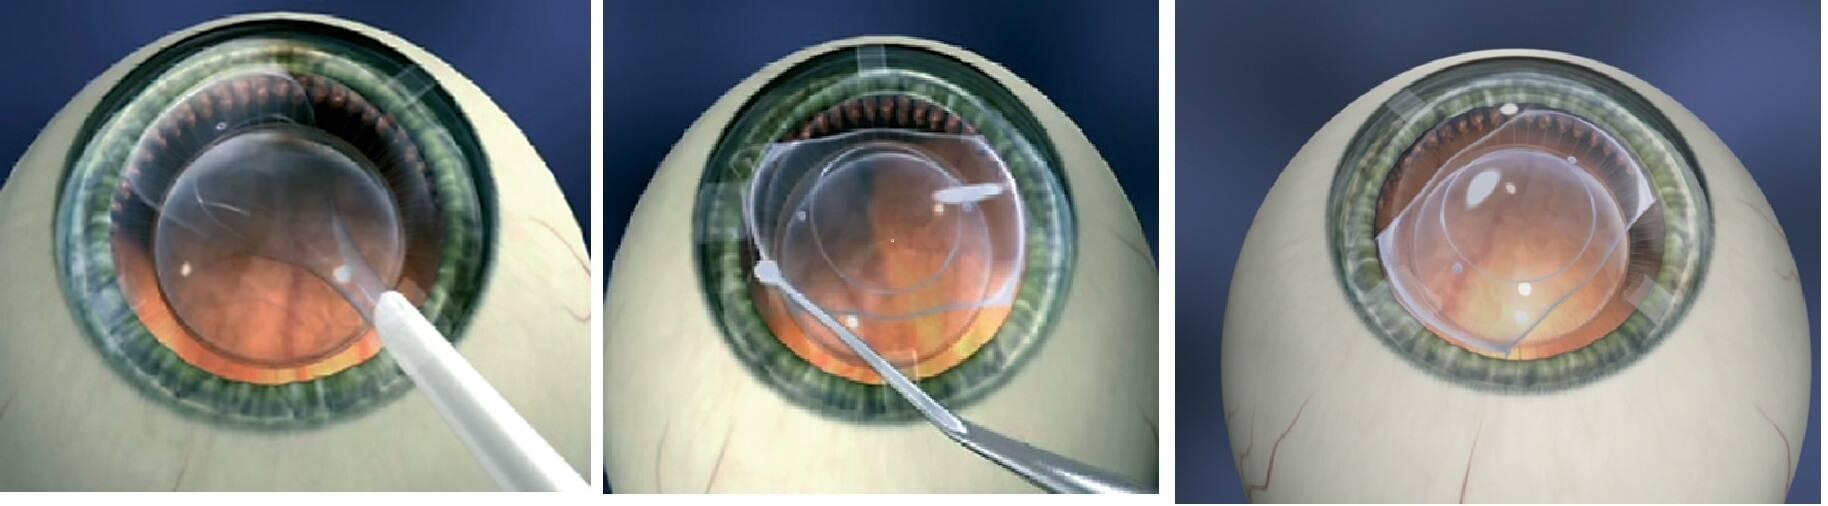 Лечение факосклероз хрусталика глаза